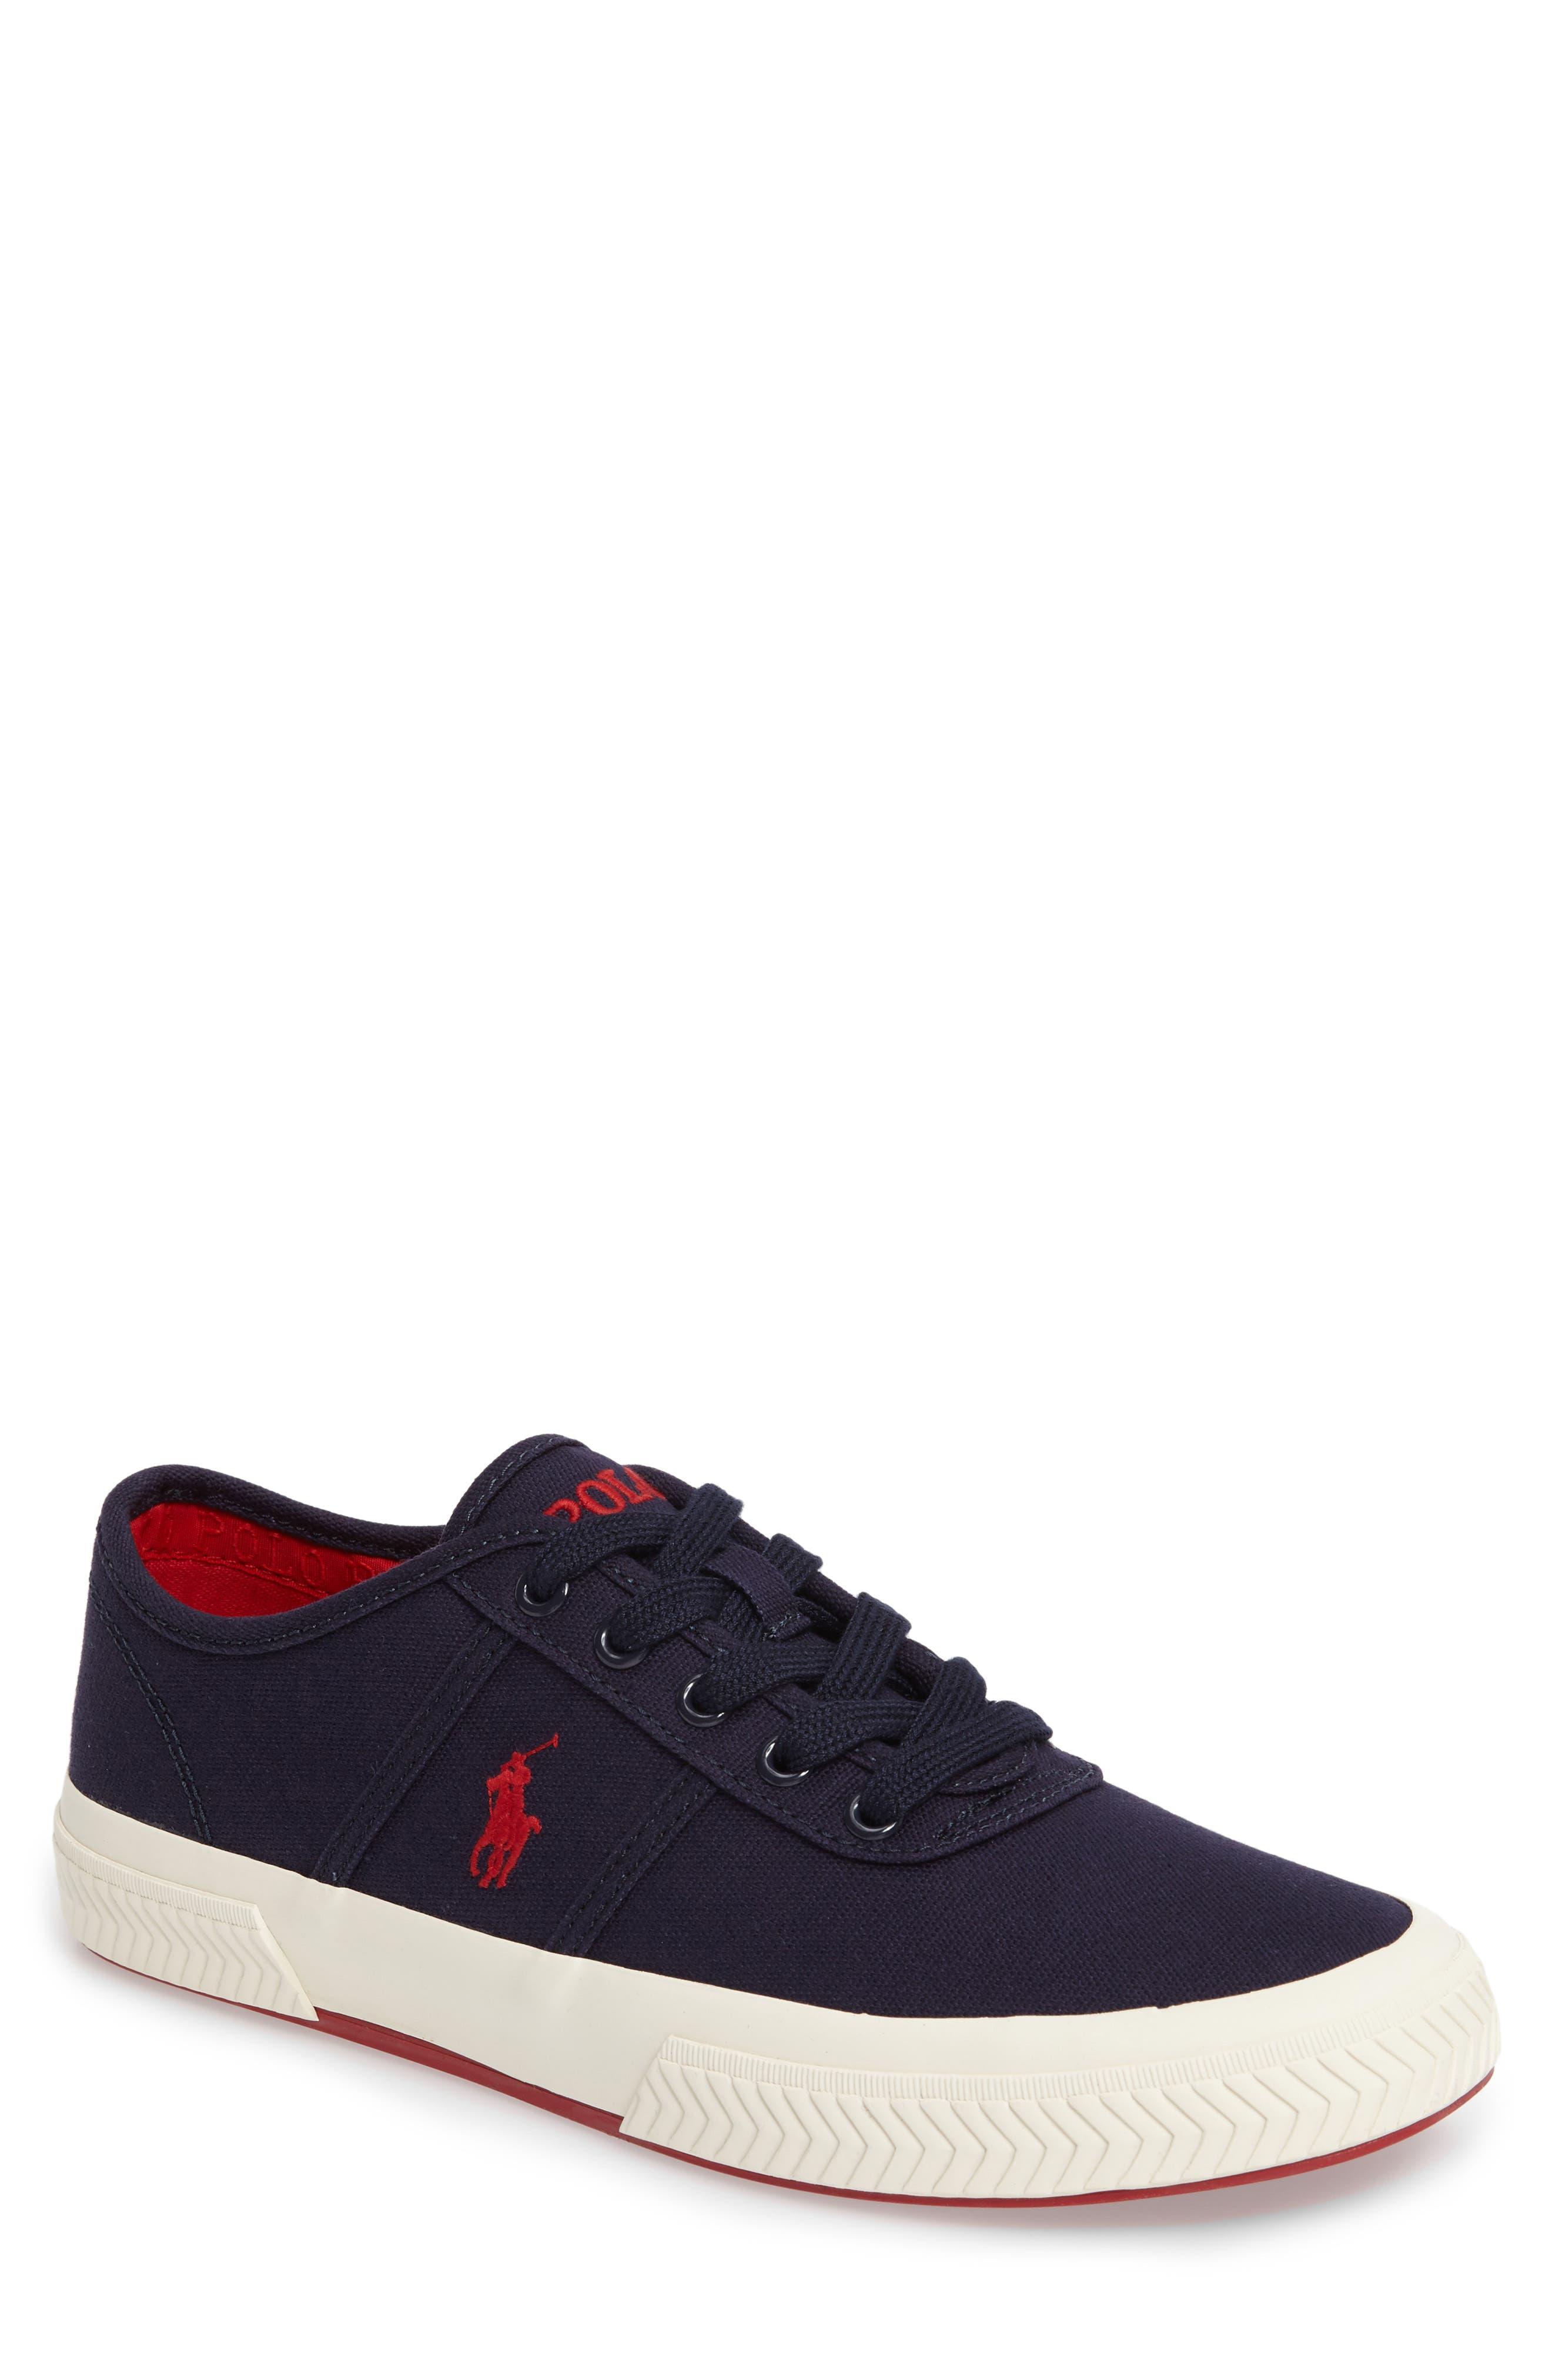 Polo Ralph Lauren Tyrian Sneaker (Men)